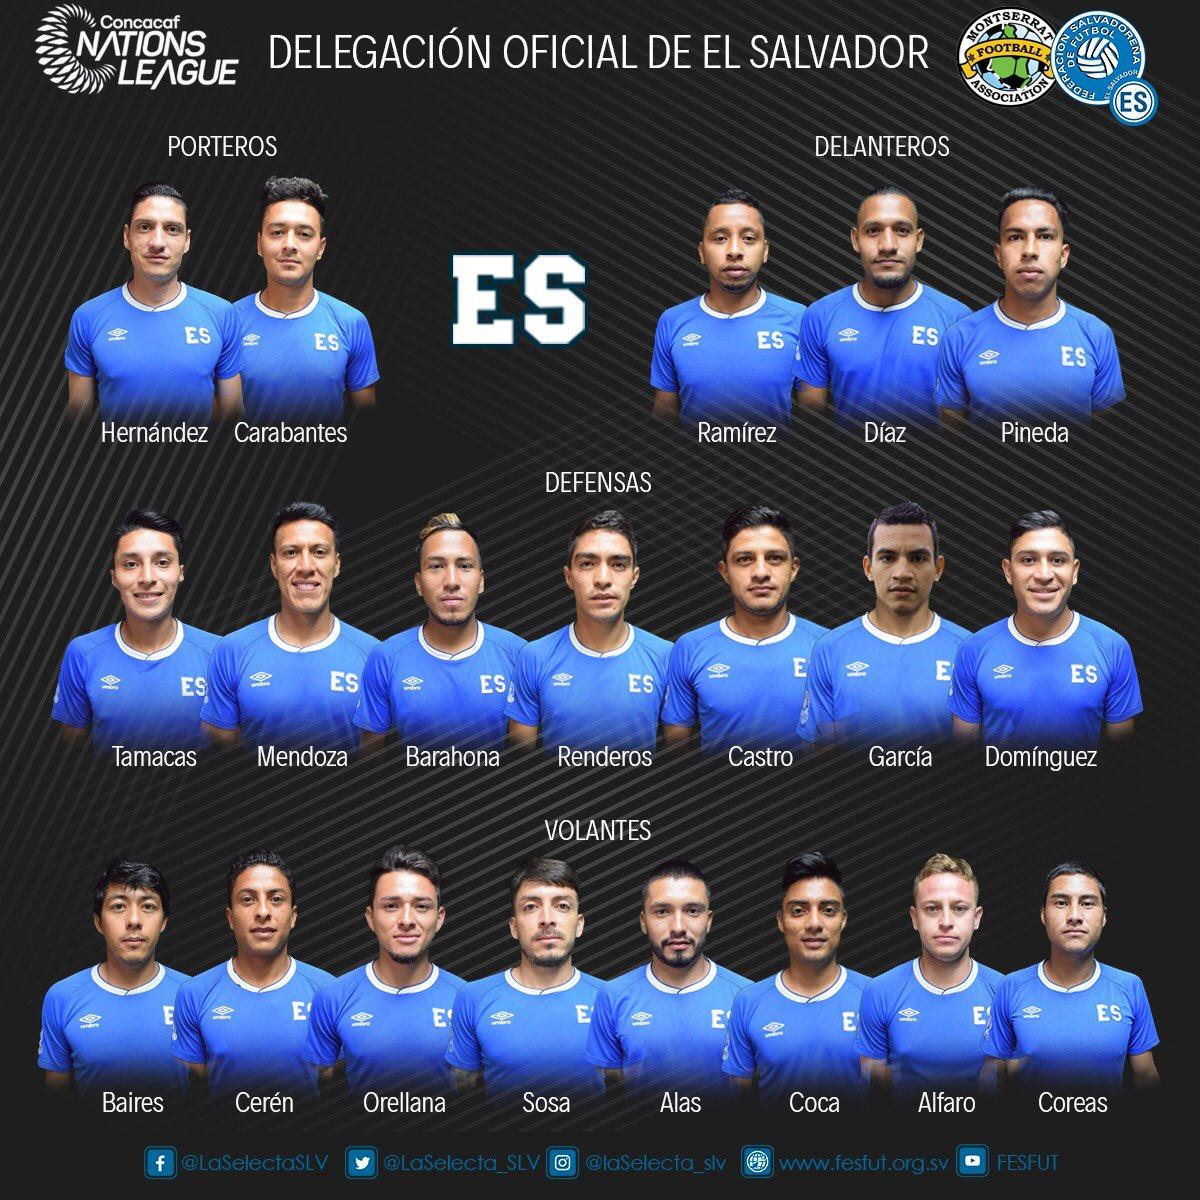 Liga de Naciones CONCACAF y Eliminatorias a Copa Oro 2019 [8 de septiembre del 2018 - Monserrat] DmdCaIIUUAAFLDM